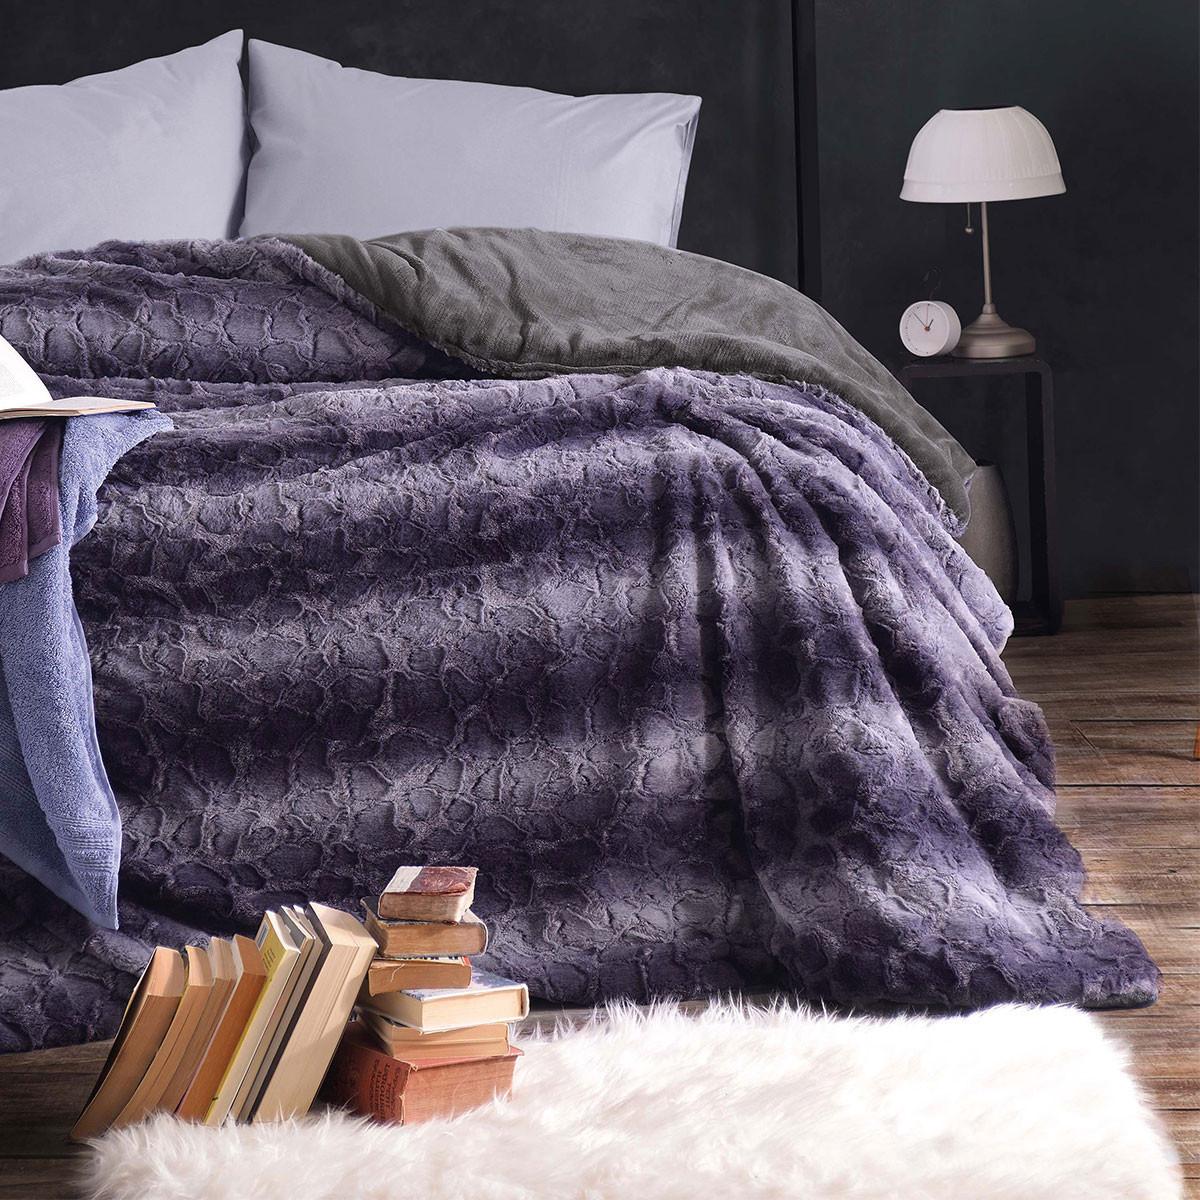 Κουβερτοπάπλωμα Υπέρδιπλο Rythmos Lusso home   κρεβατοκάμαρα   παπλώματα   κουβερτοπαπλώματα